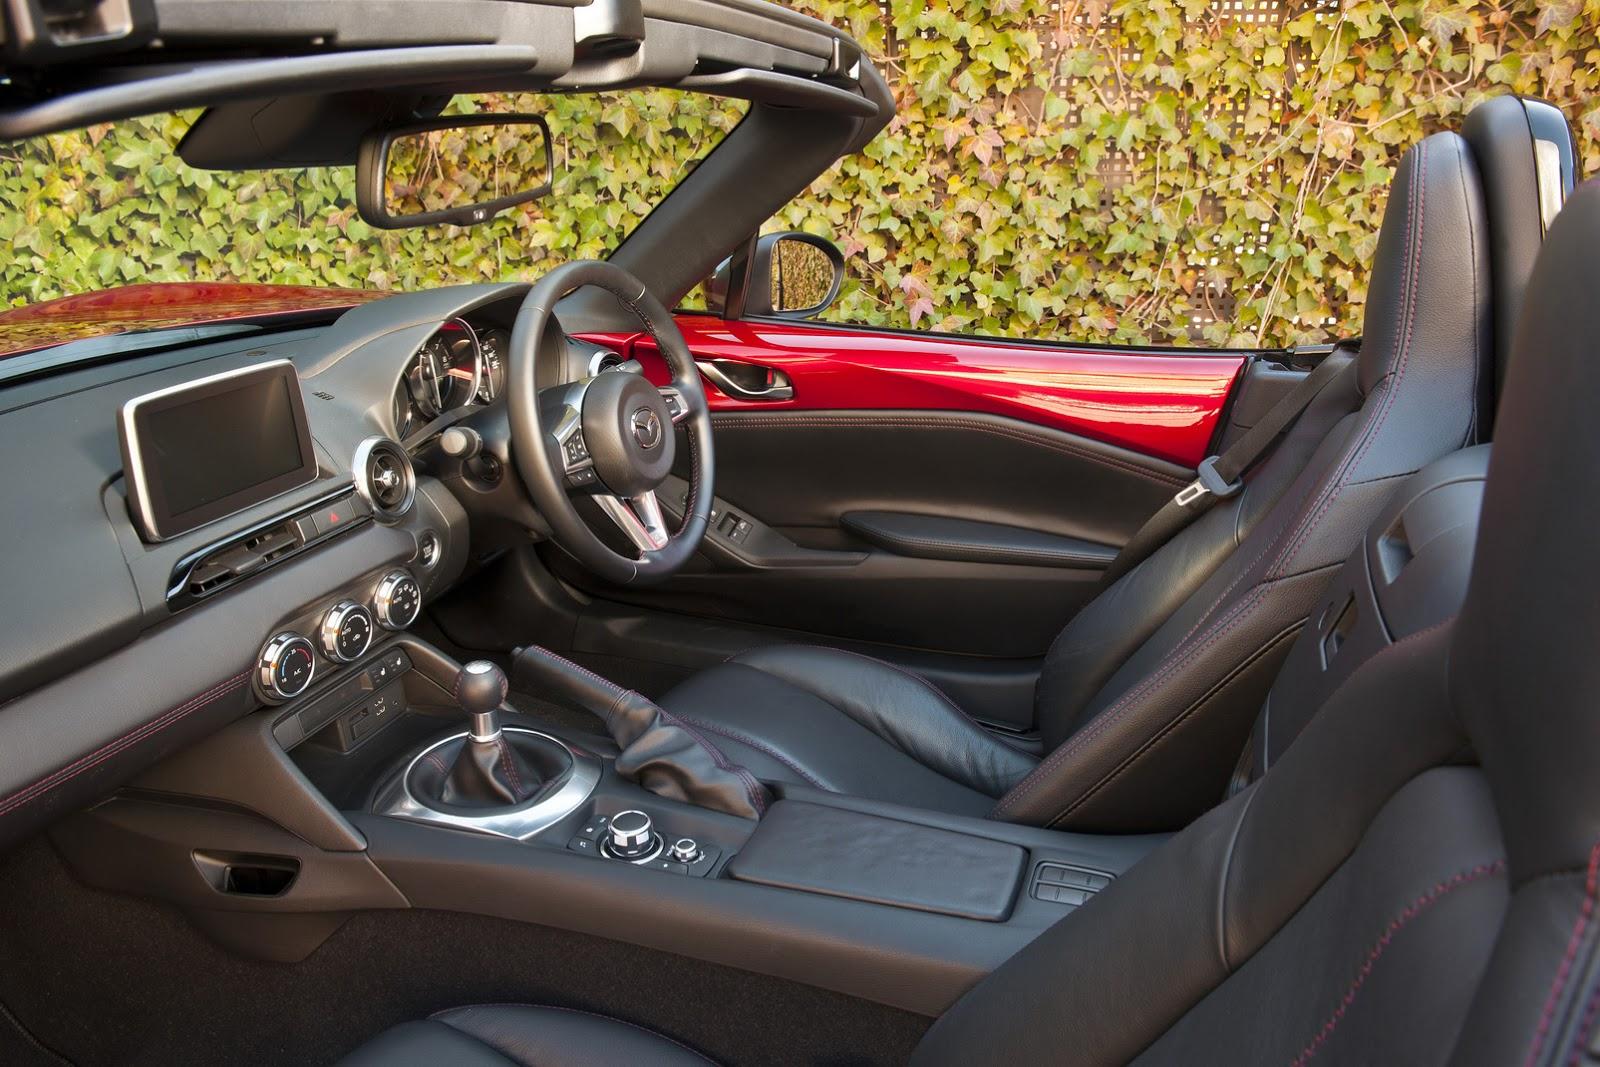 2016-Mazda-MX-5-72.jpg